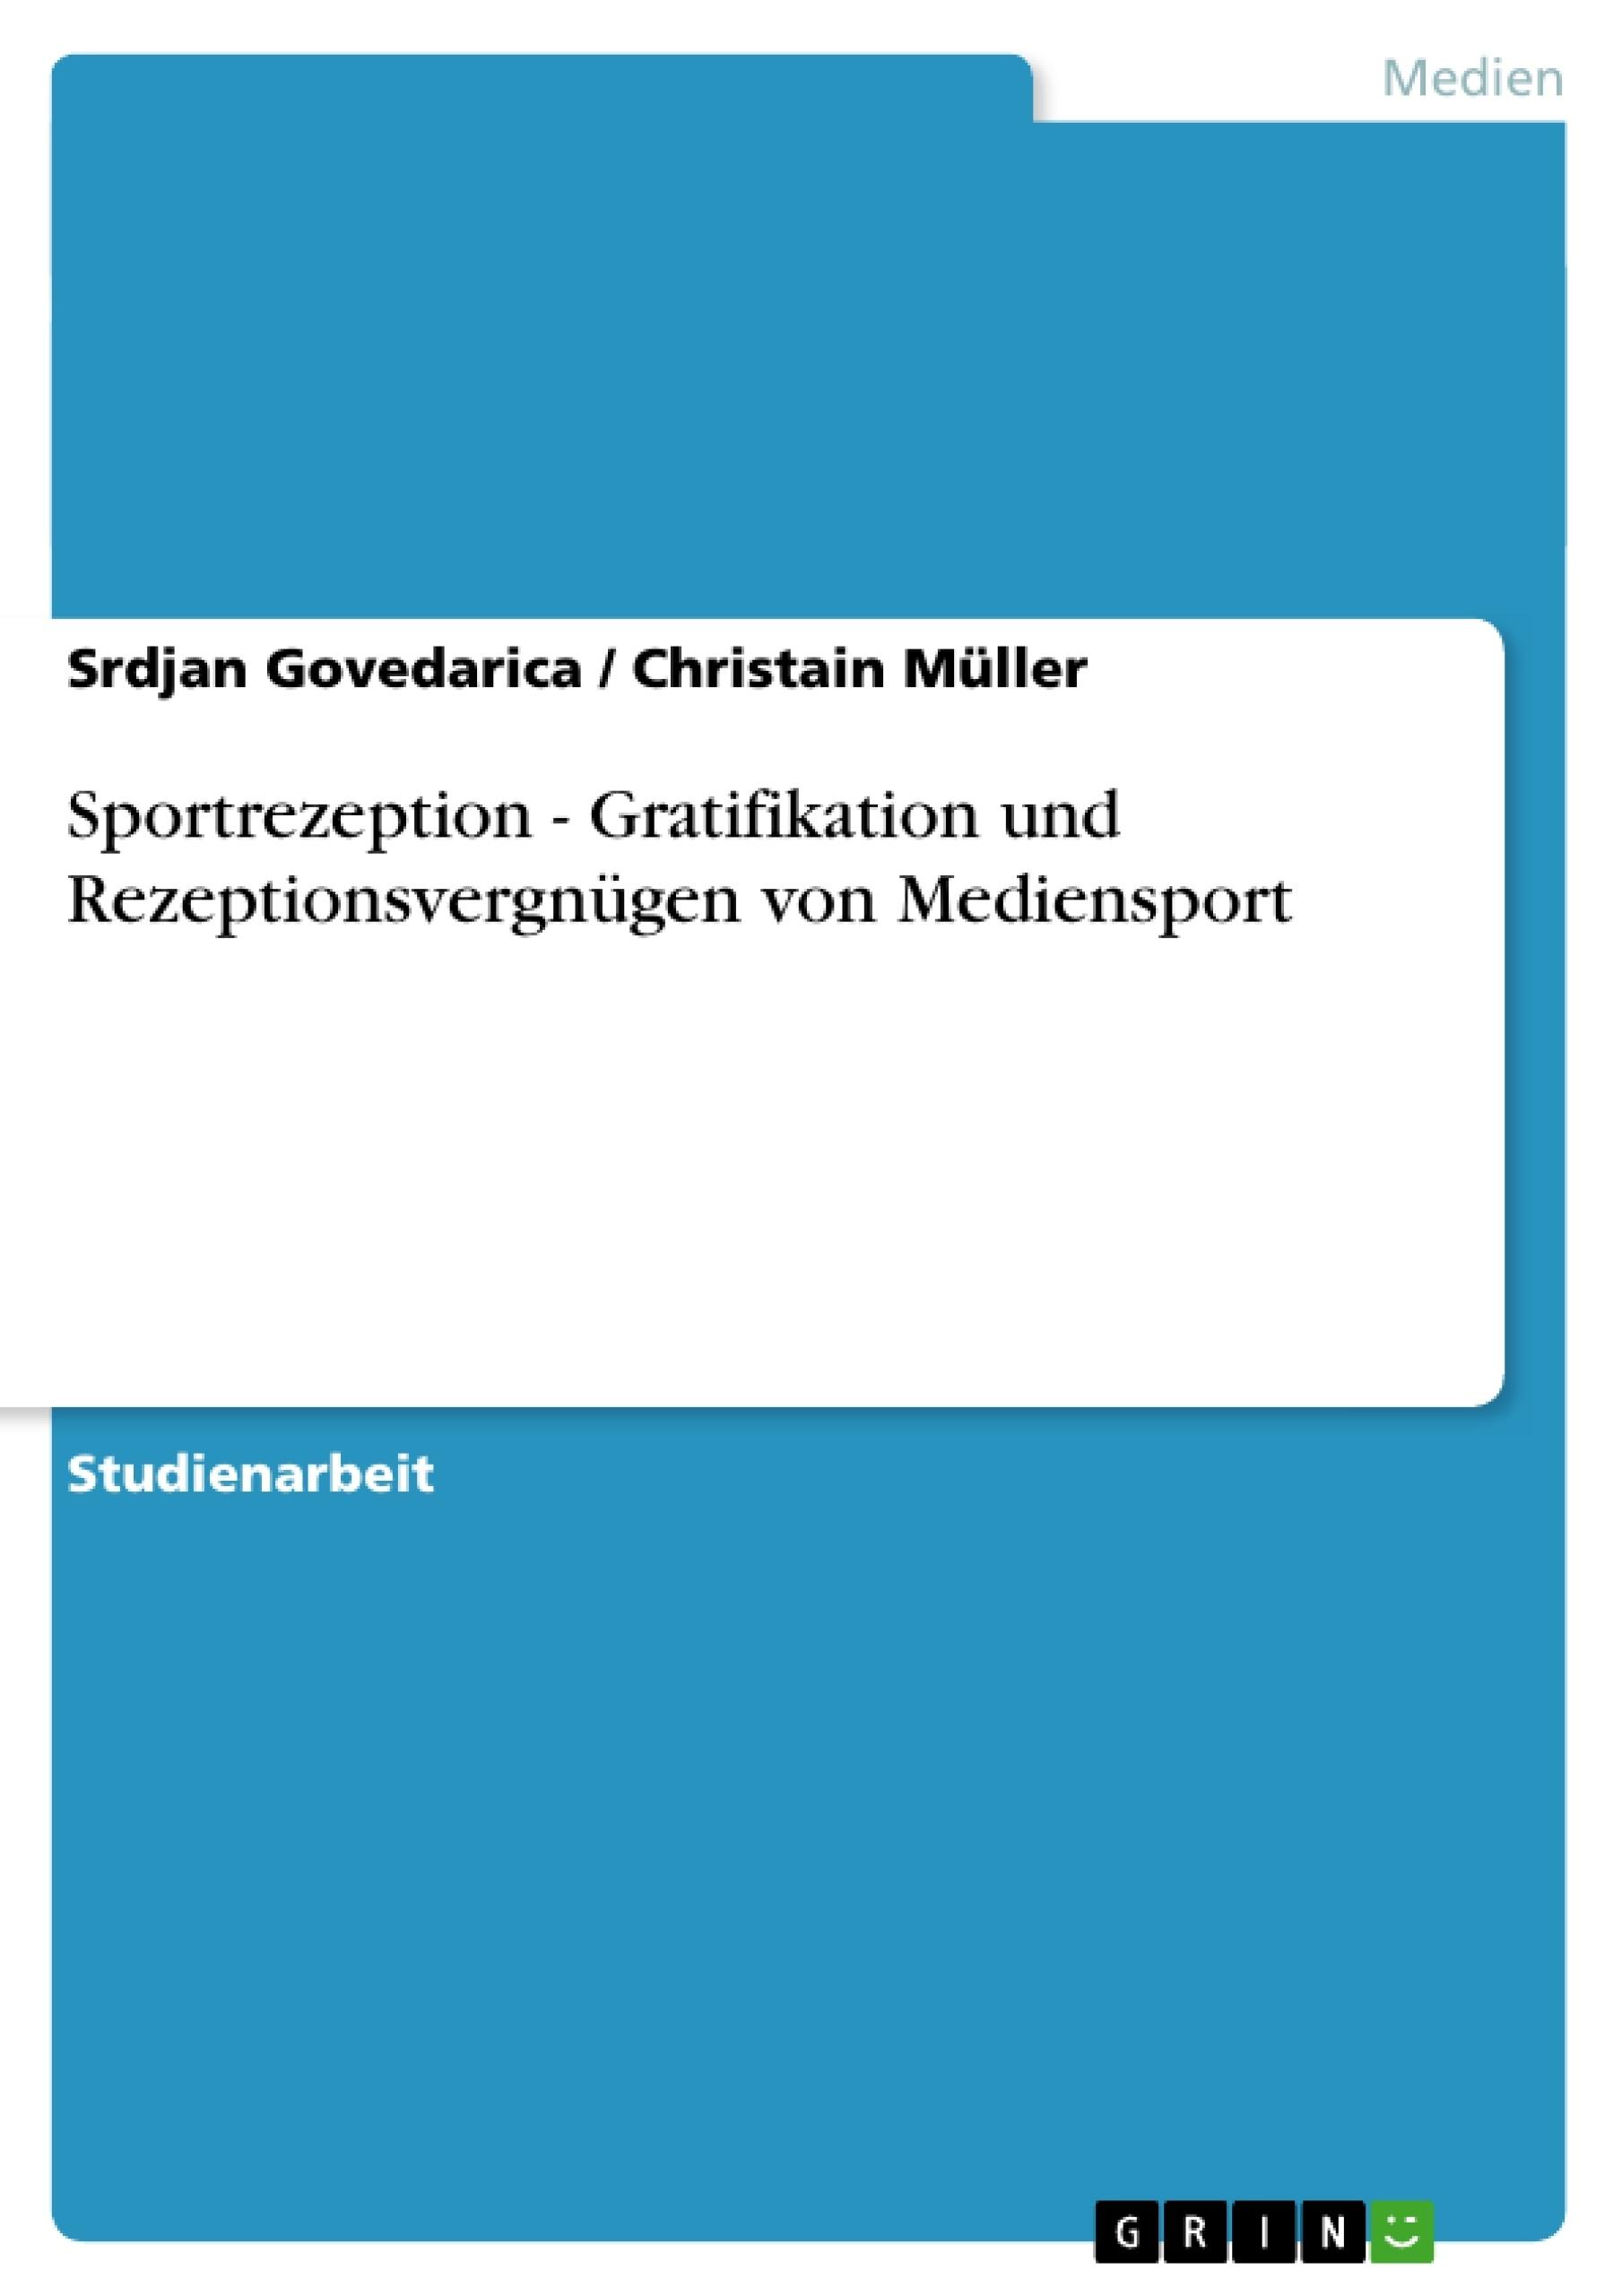 Titel: Sportrezeption - Gratifikation und Rezeptionsvergnügen von Mediensport